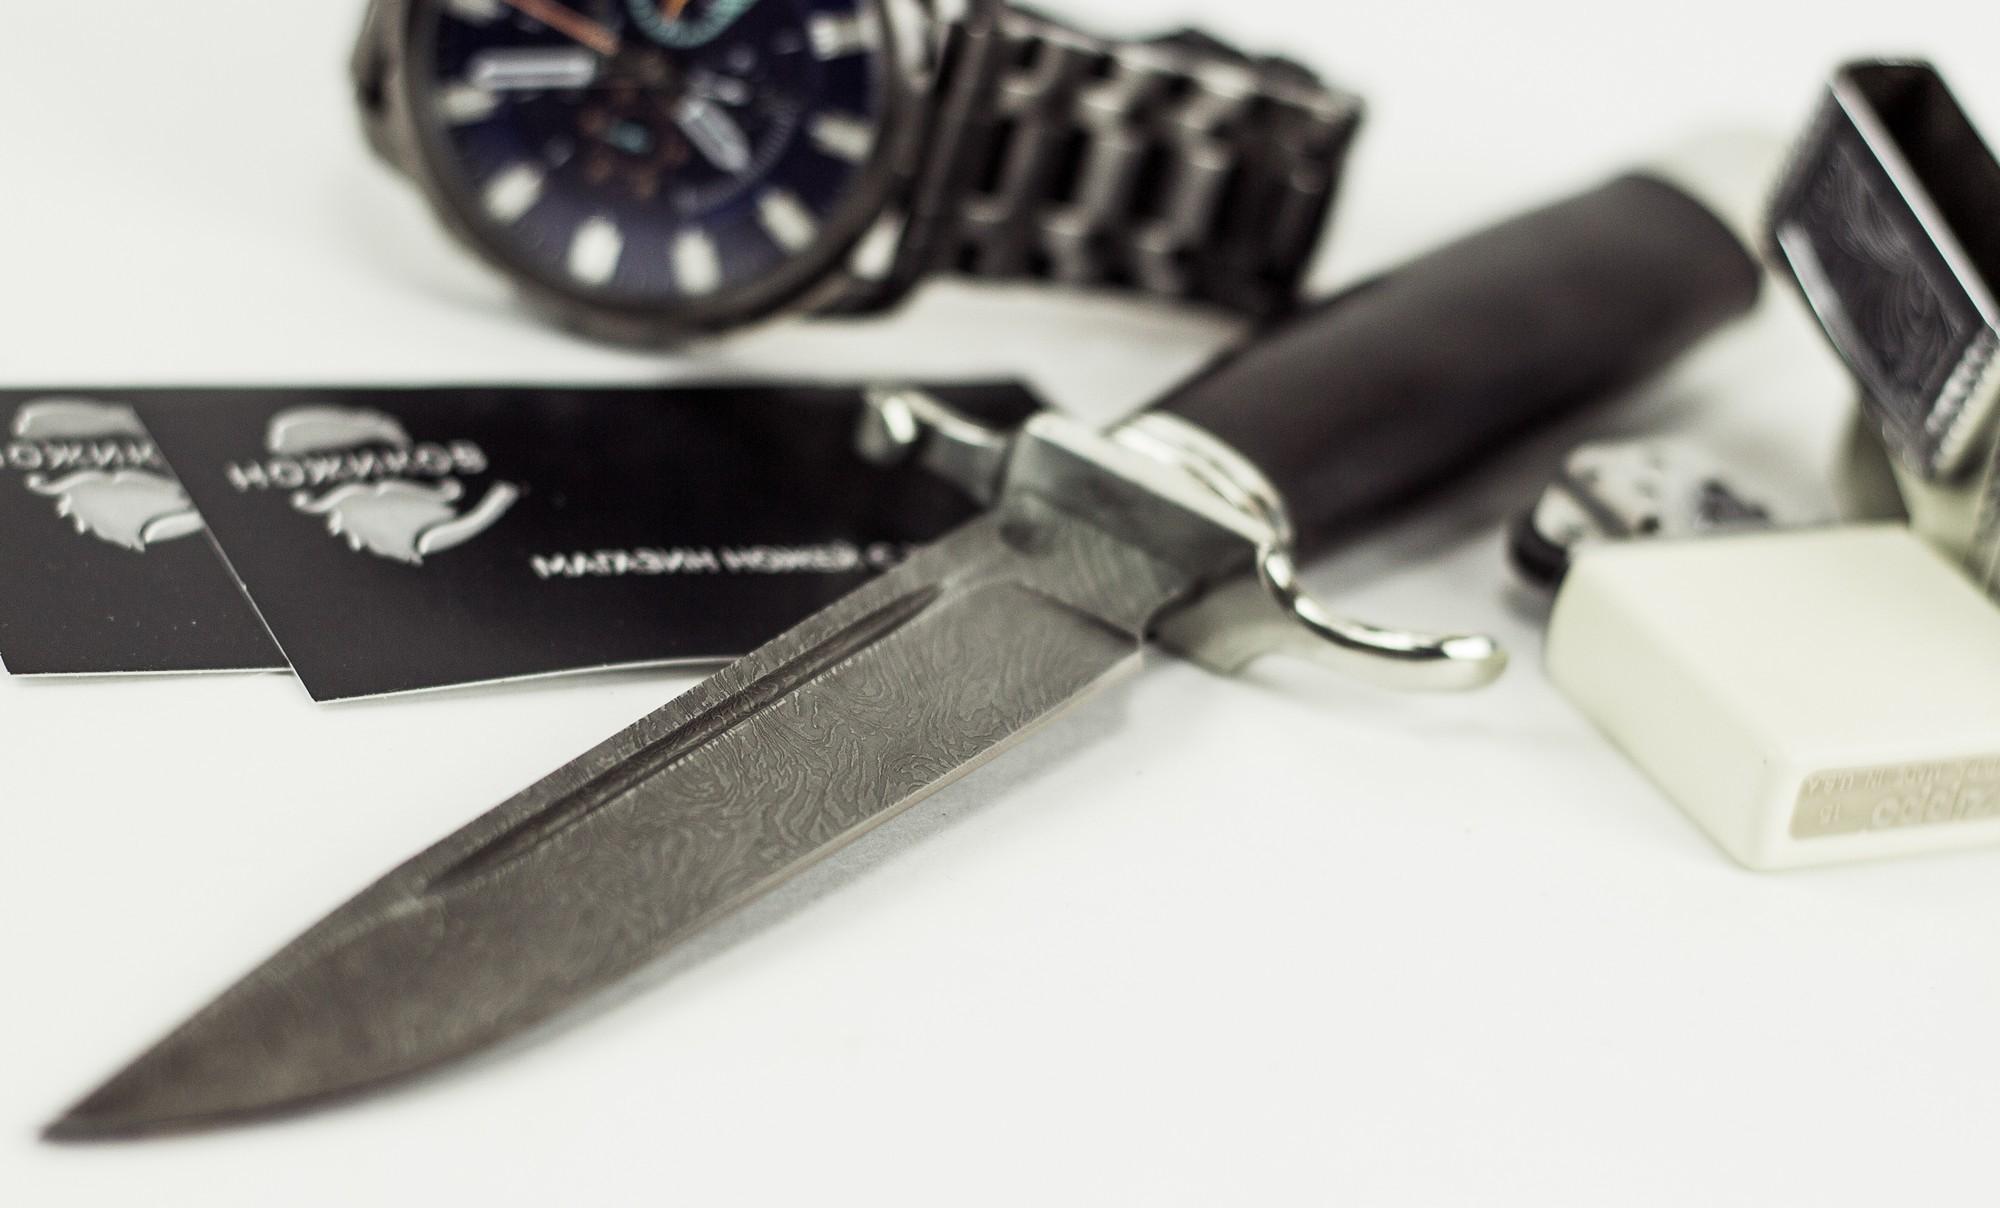 Фото 2 - Нож Финка НКВД, дамасская сталь, мельхиор от АТАКА